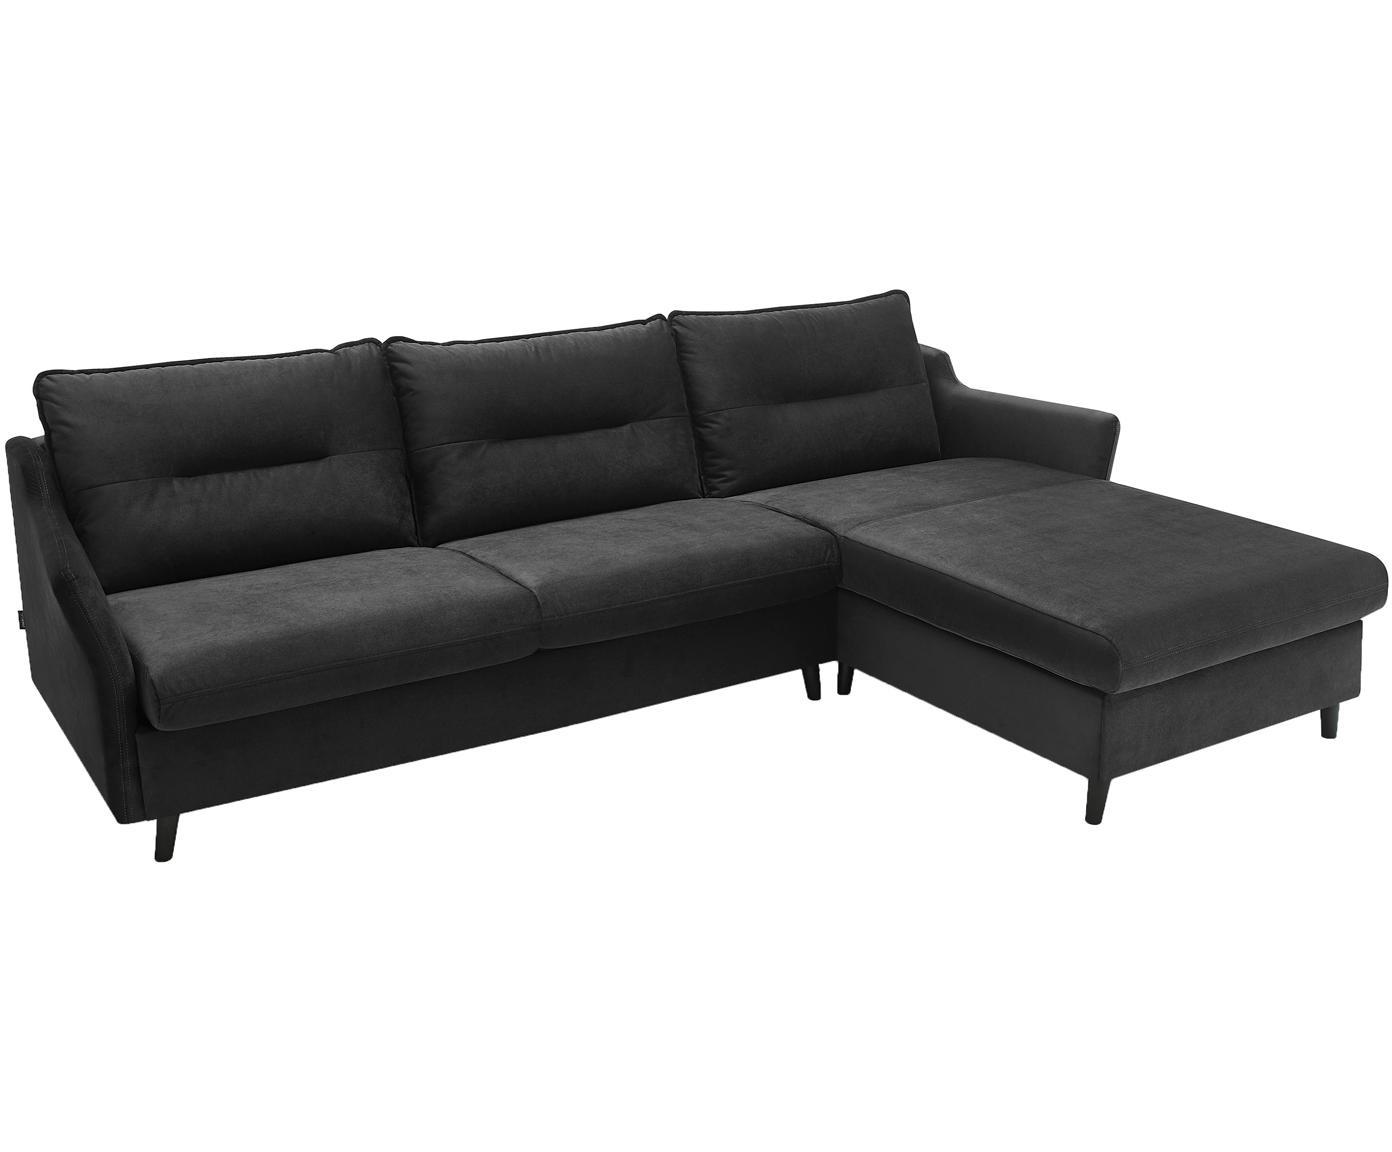 Sofa narożna z funkcją spania z aksamitu Loft, Tapicerka: 100% aksamit poliestrowy, Nogi: metal lakierowany, Ciemny szary, S 275 x G 181 cm